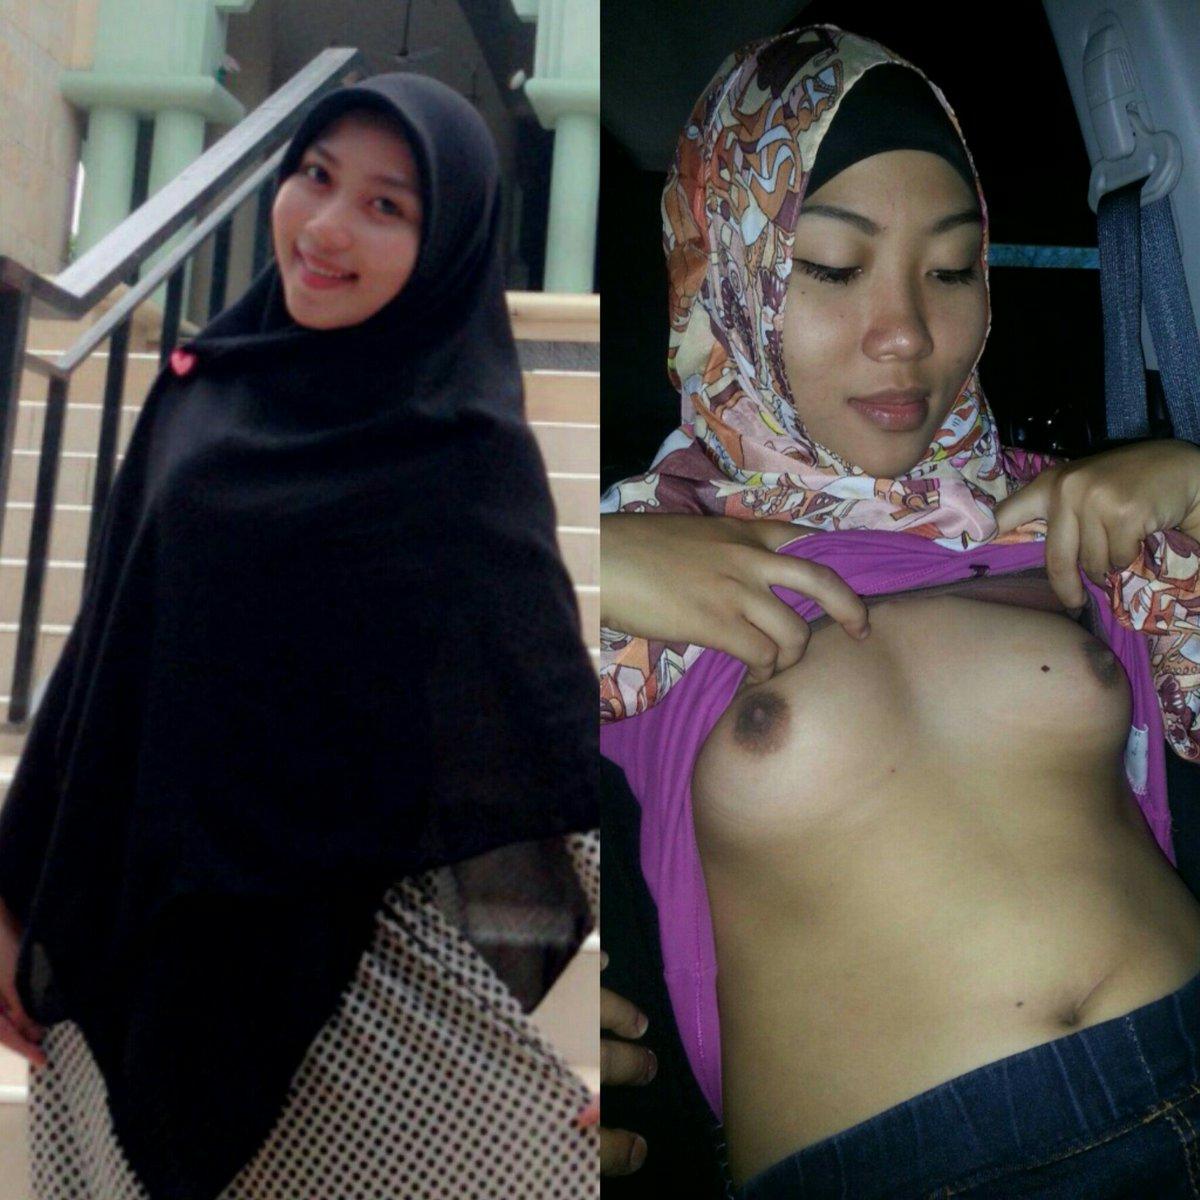 Tudung showing tits